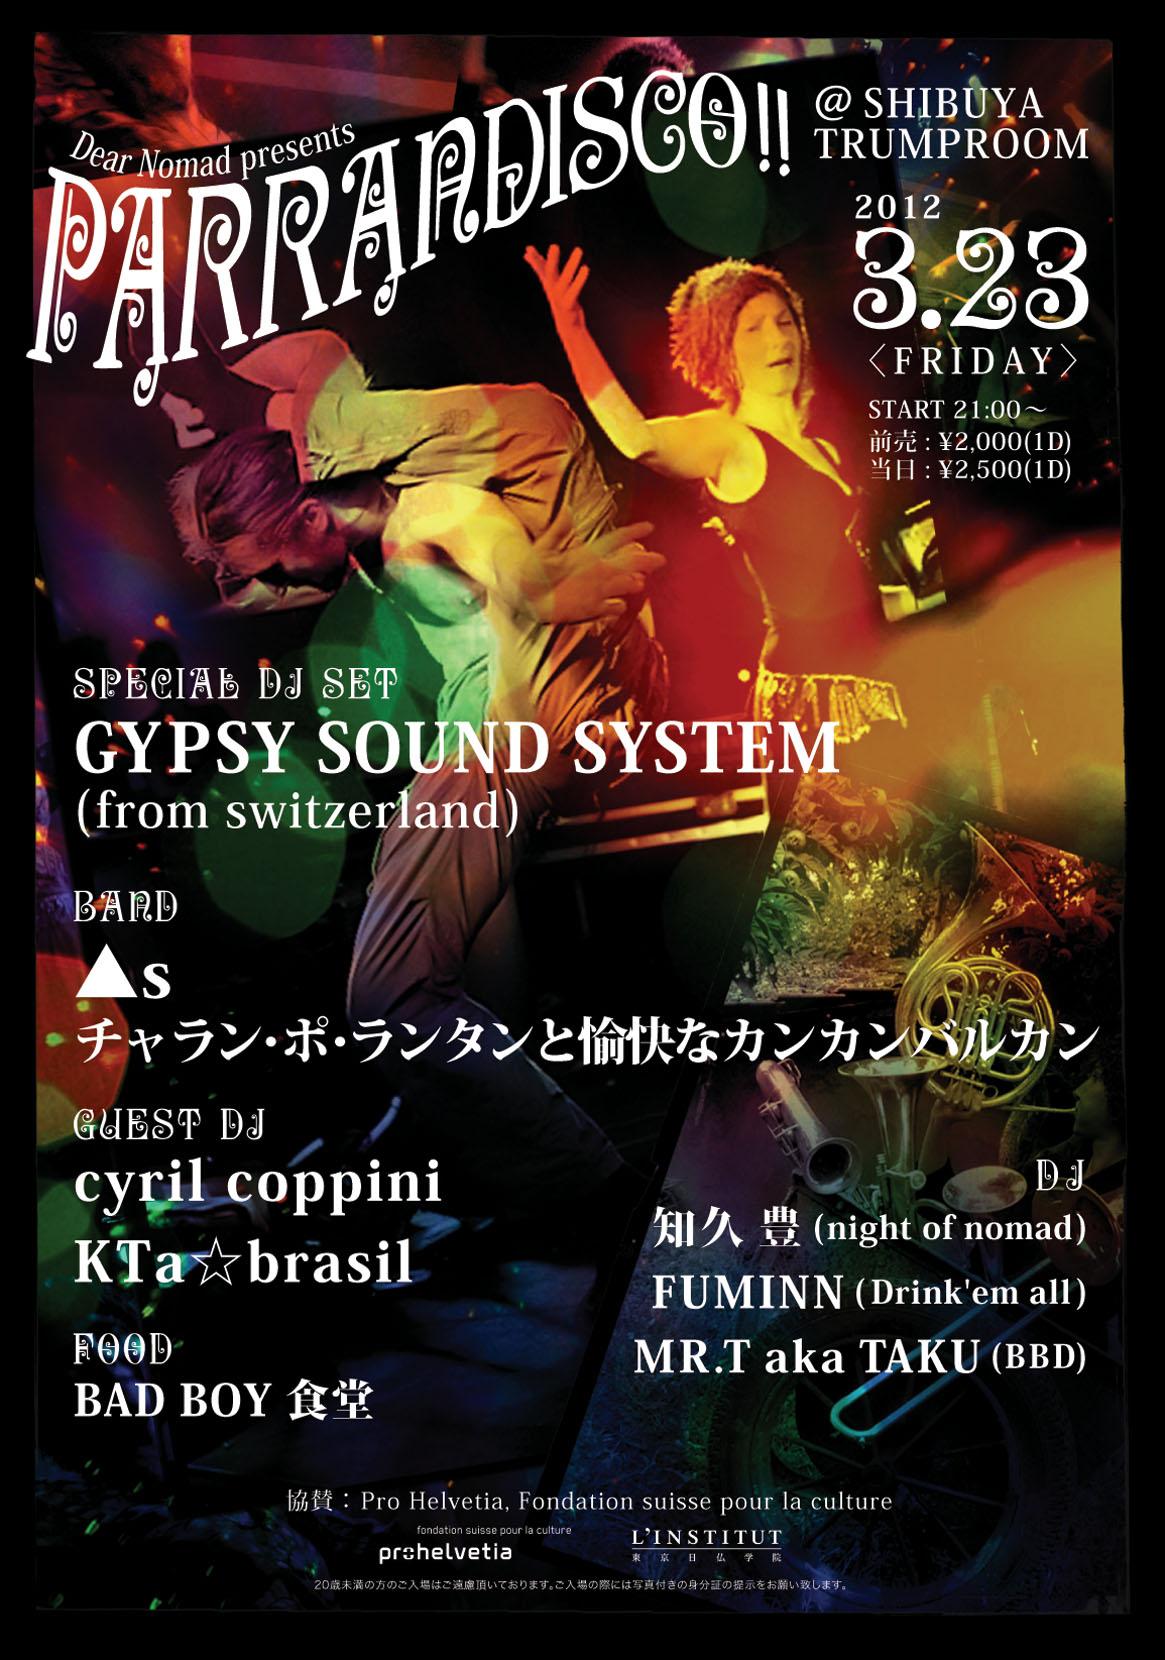 3/23 FRI 21:00- 【PARRANDISCO!!】at Shibuya TRUMP ROOM_b0032617_0272014.jpg